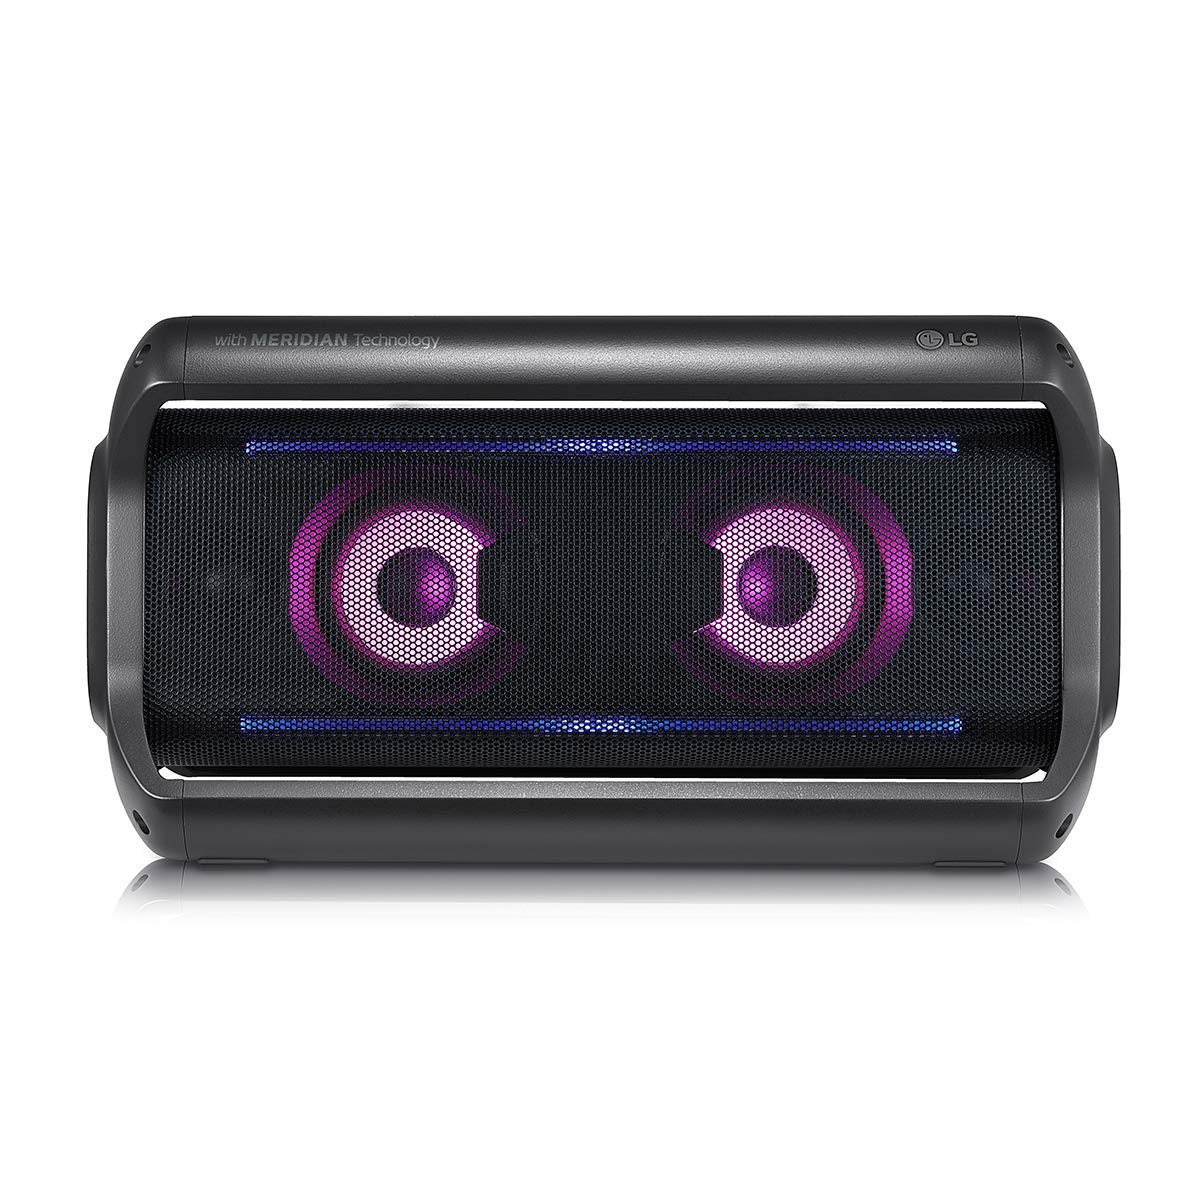 【送料無料】LG XBOOM Bluetooth 防滴スピーカー MERIDIAN AUDIO 22H バッテリー ブルートゥース 無線 ワイヤーレス ワイヤレス